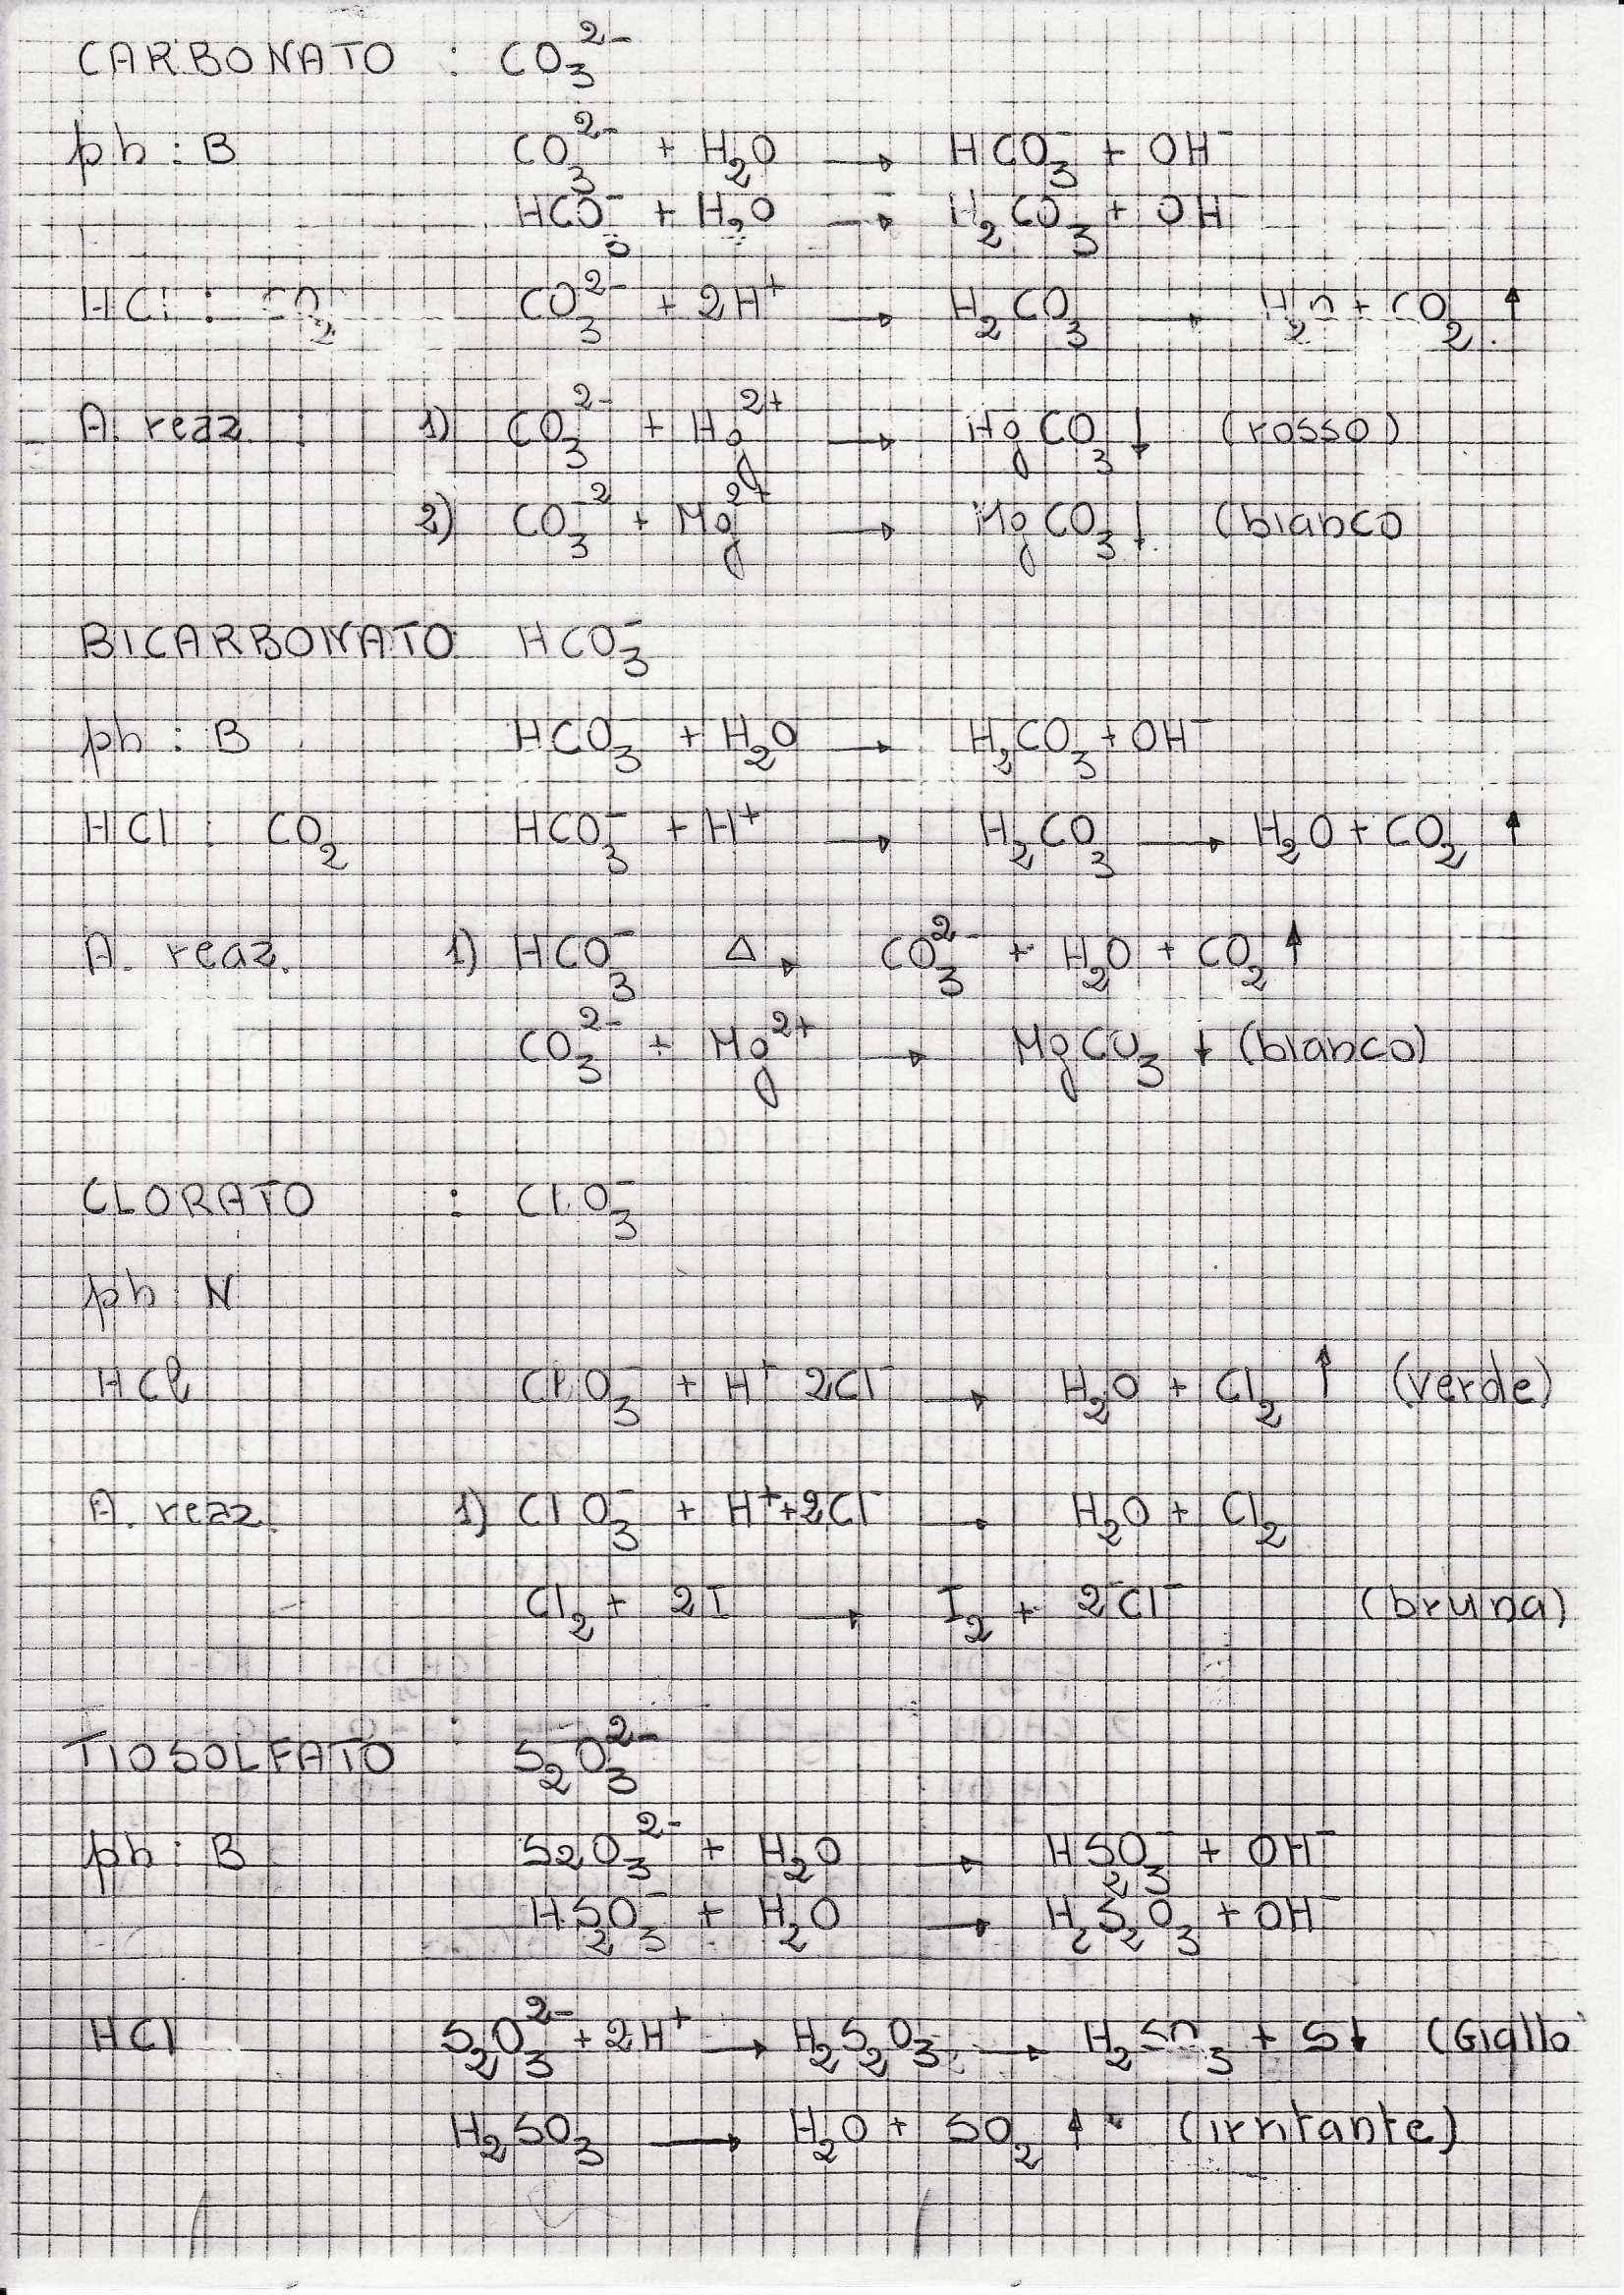 Analisi dei medicinali 2 - Appunti vari